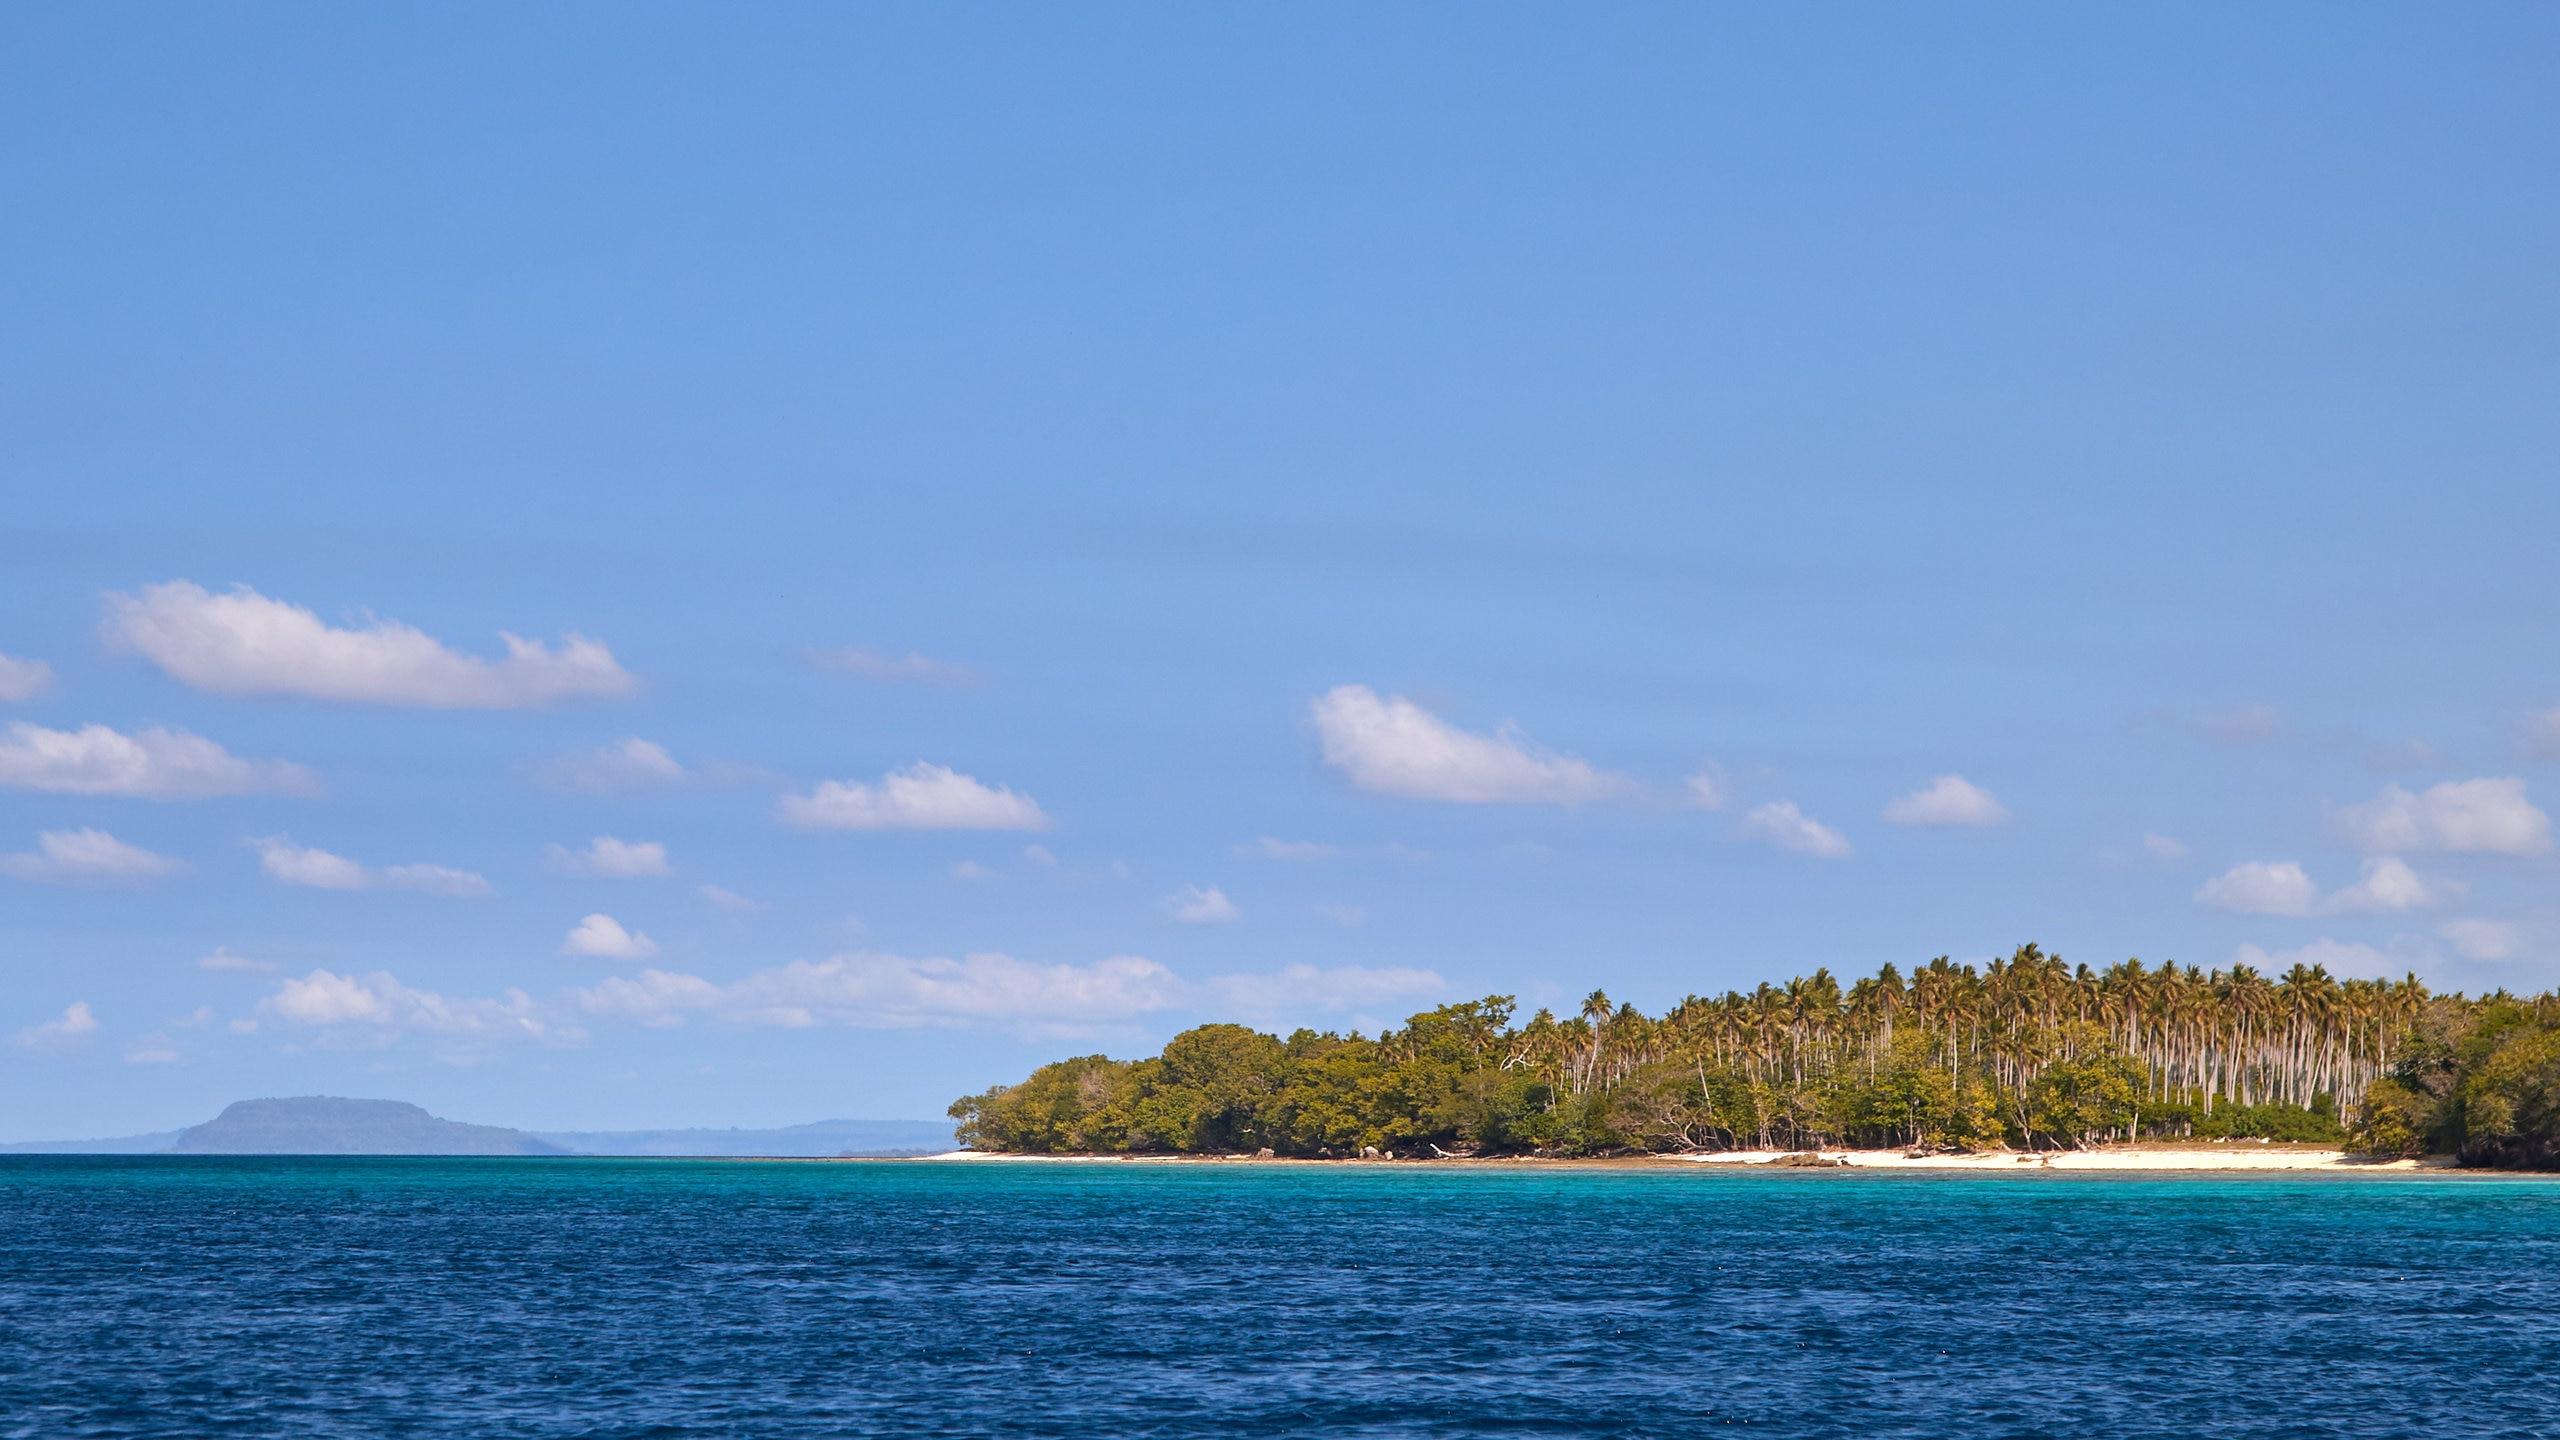 Visit Sanma: 2021 Travel Guide for Sanma, Vanuatu | Expedia